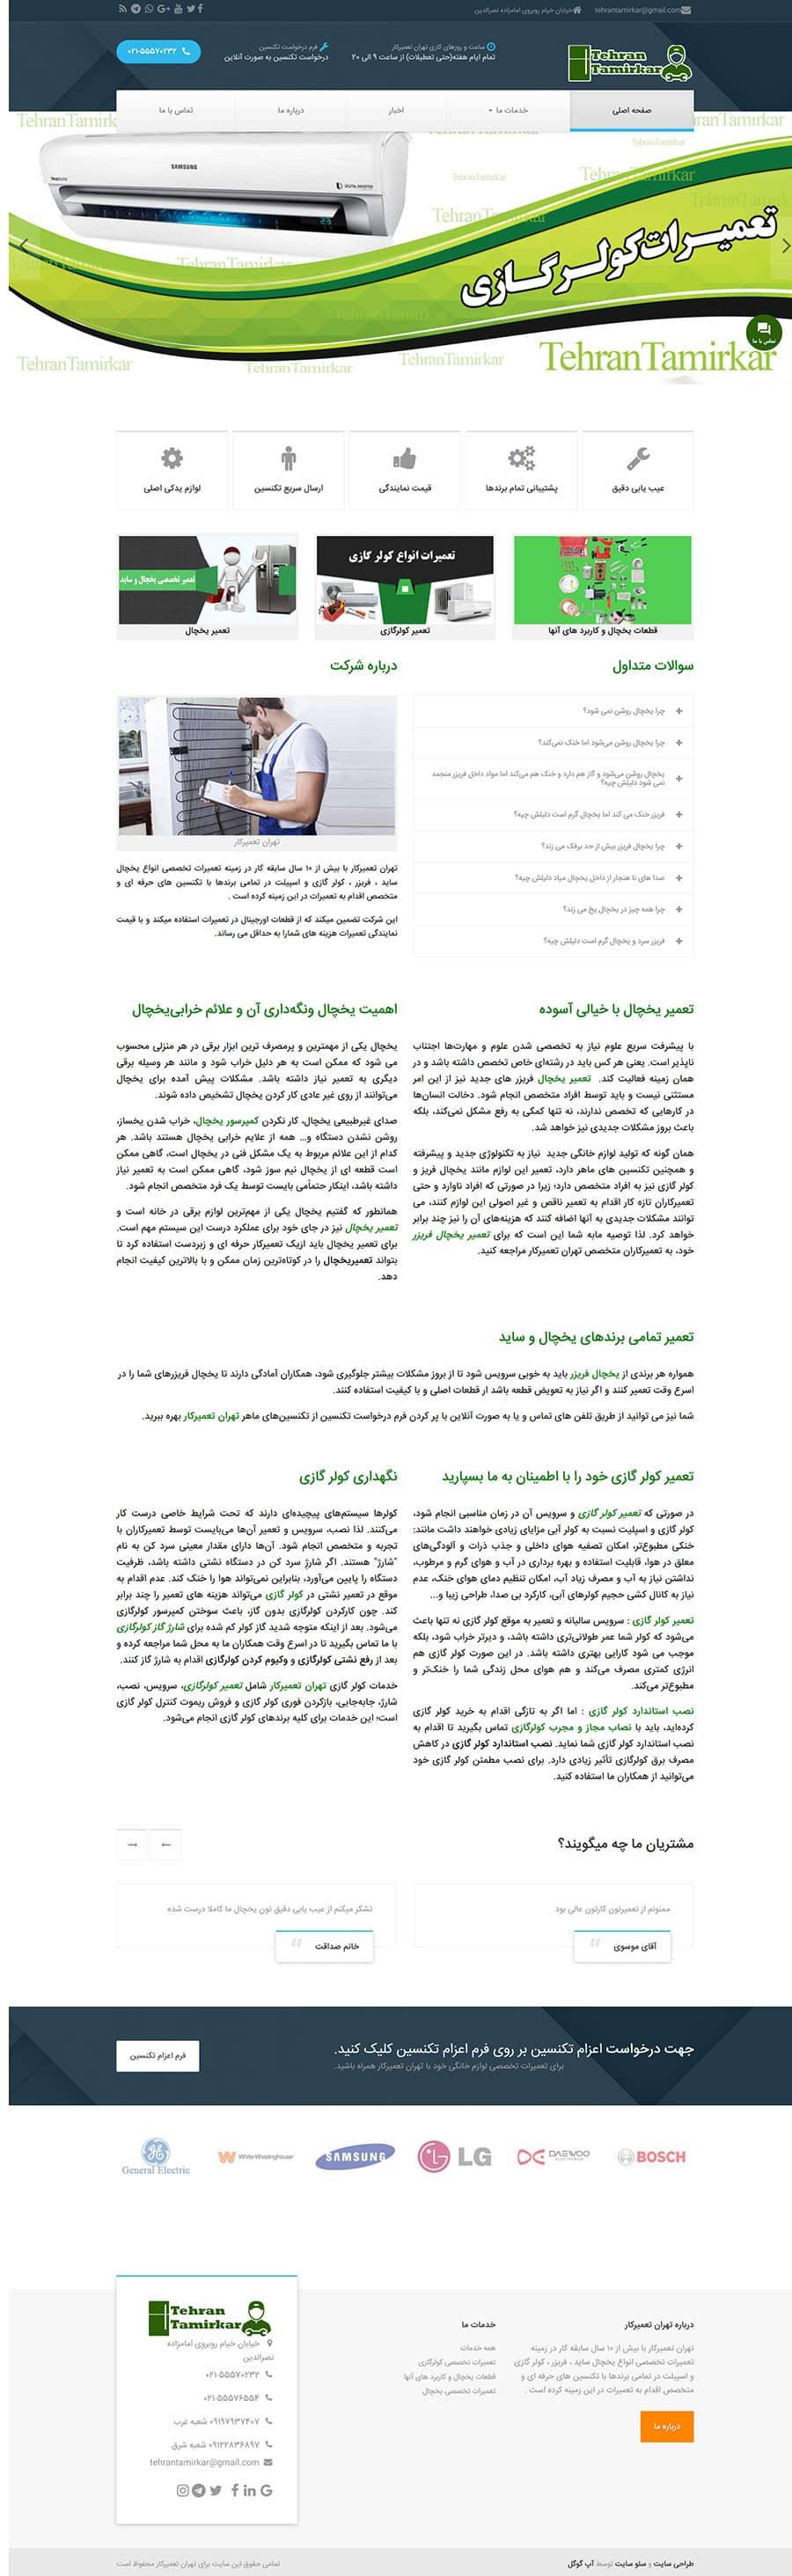 طراحی سایت تهران تعمیرکار